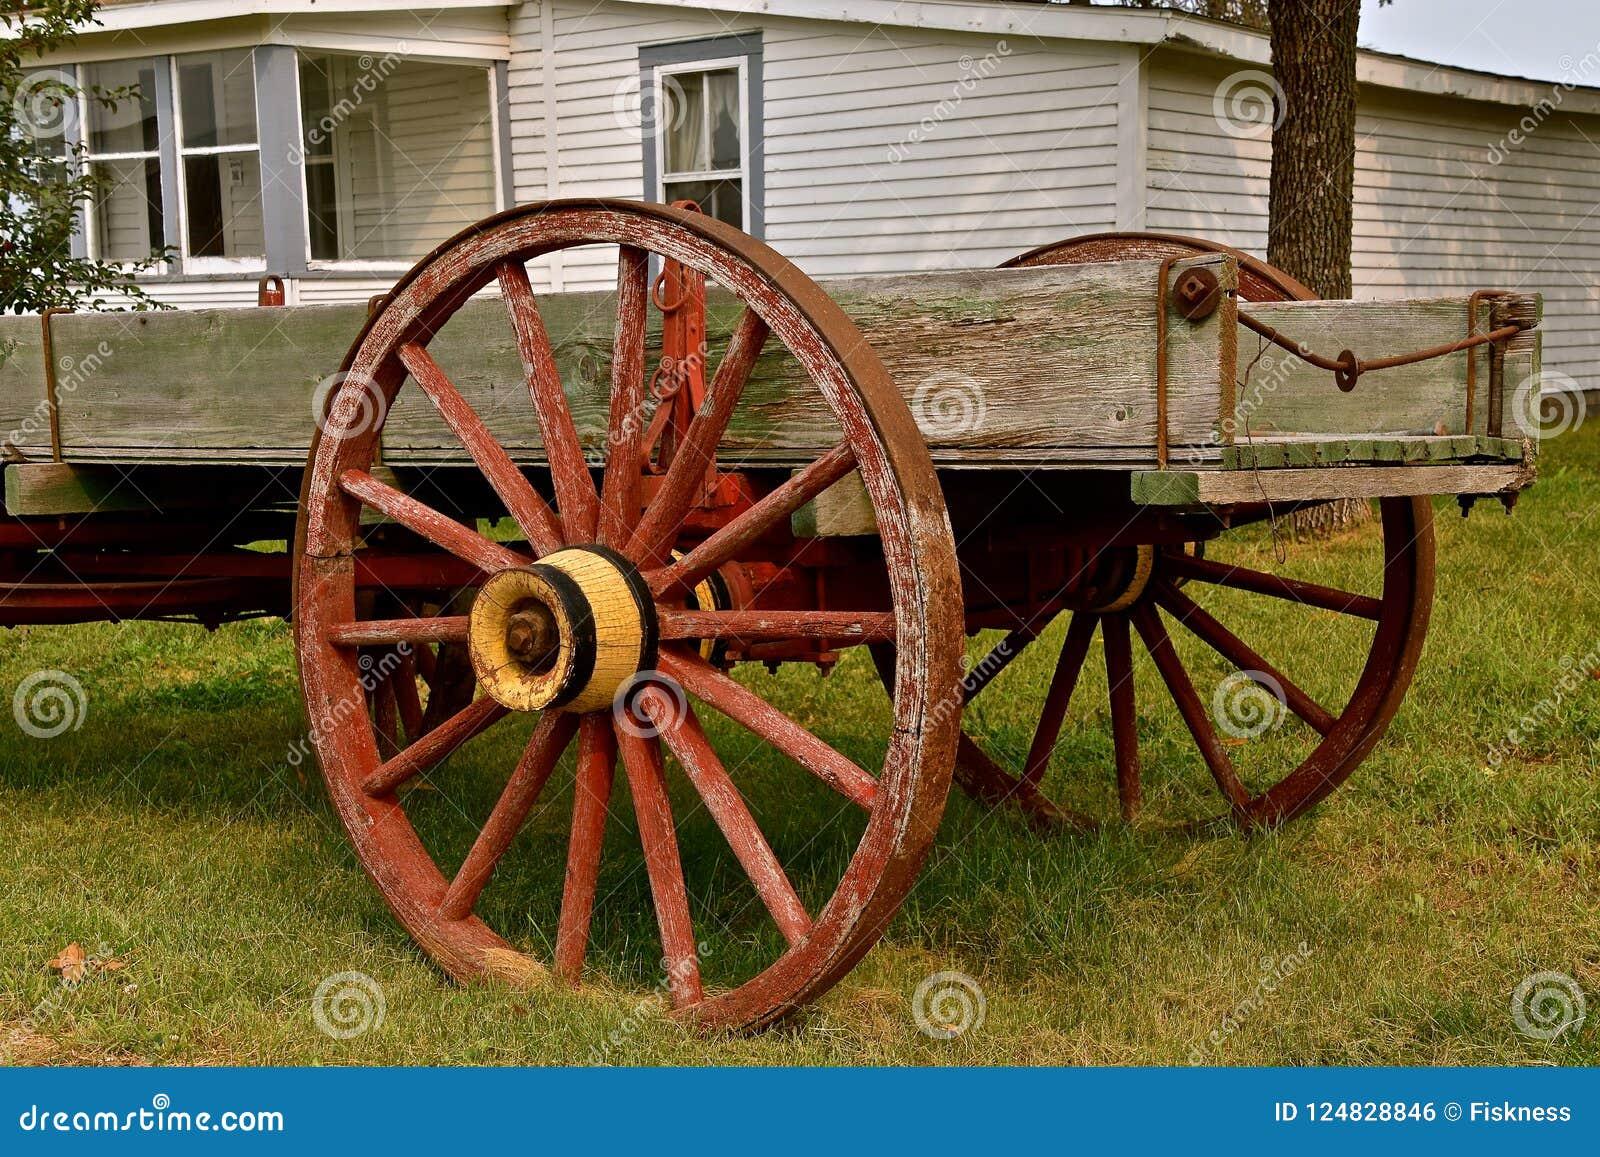 De oude houten wagen met spoked wielen